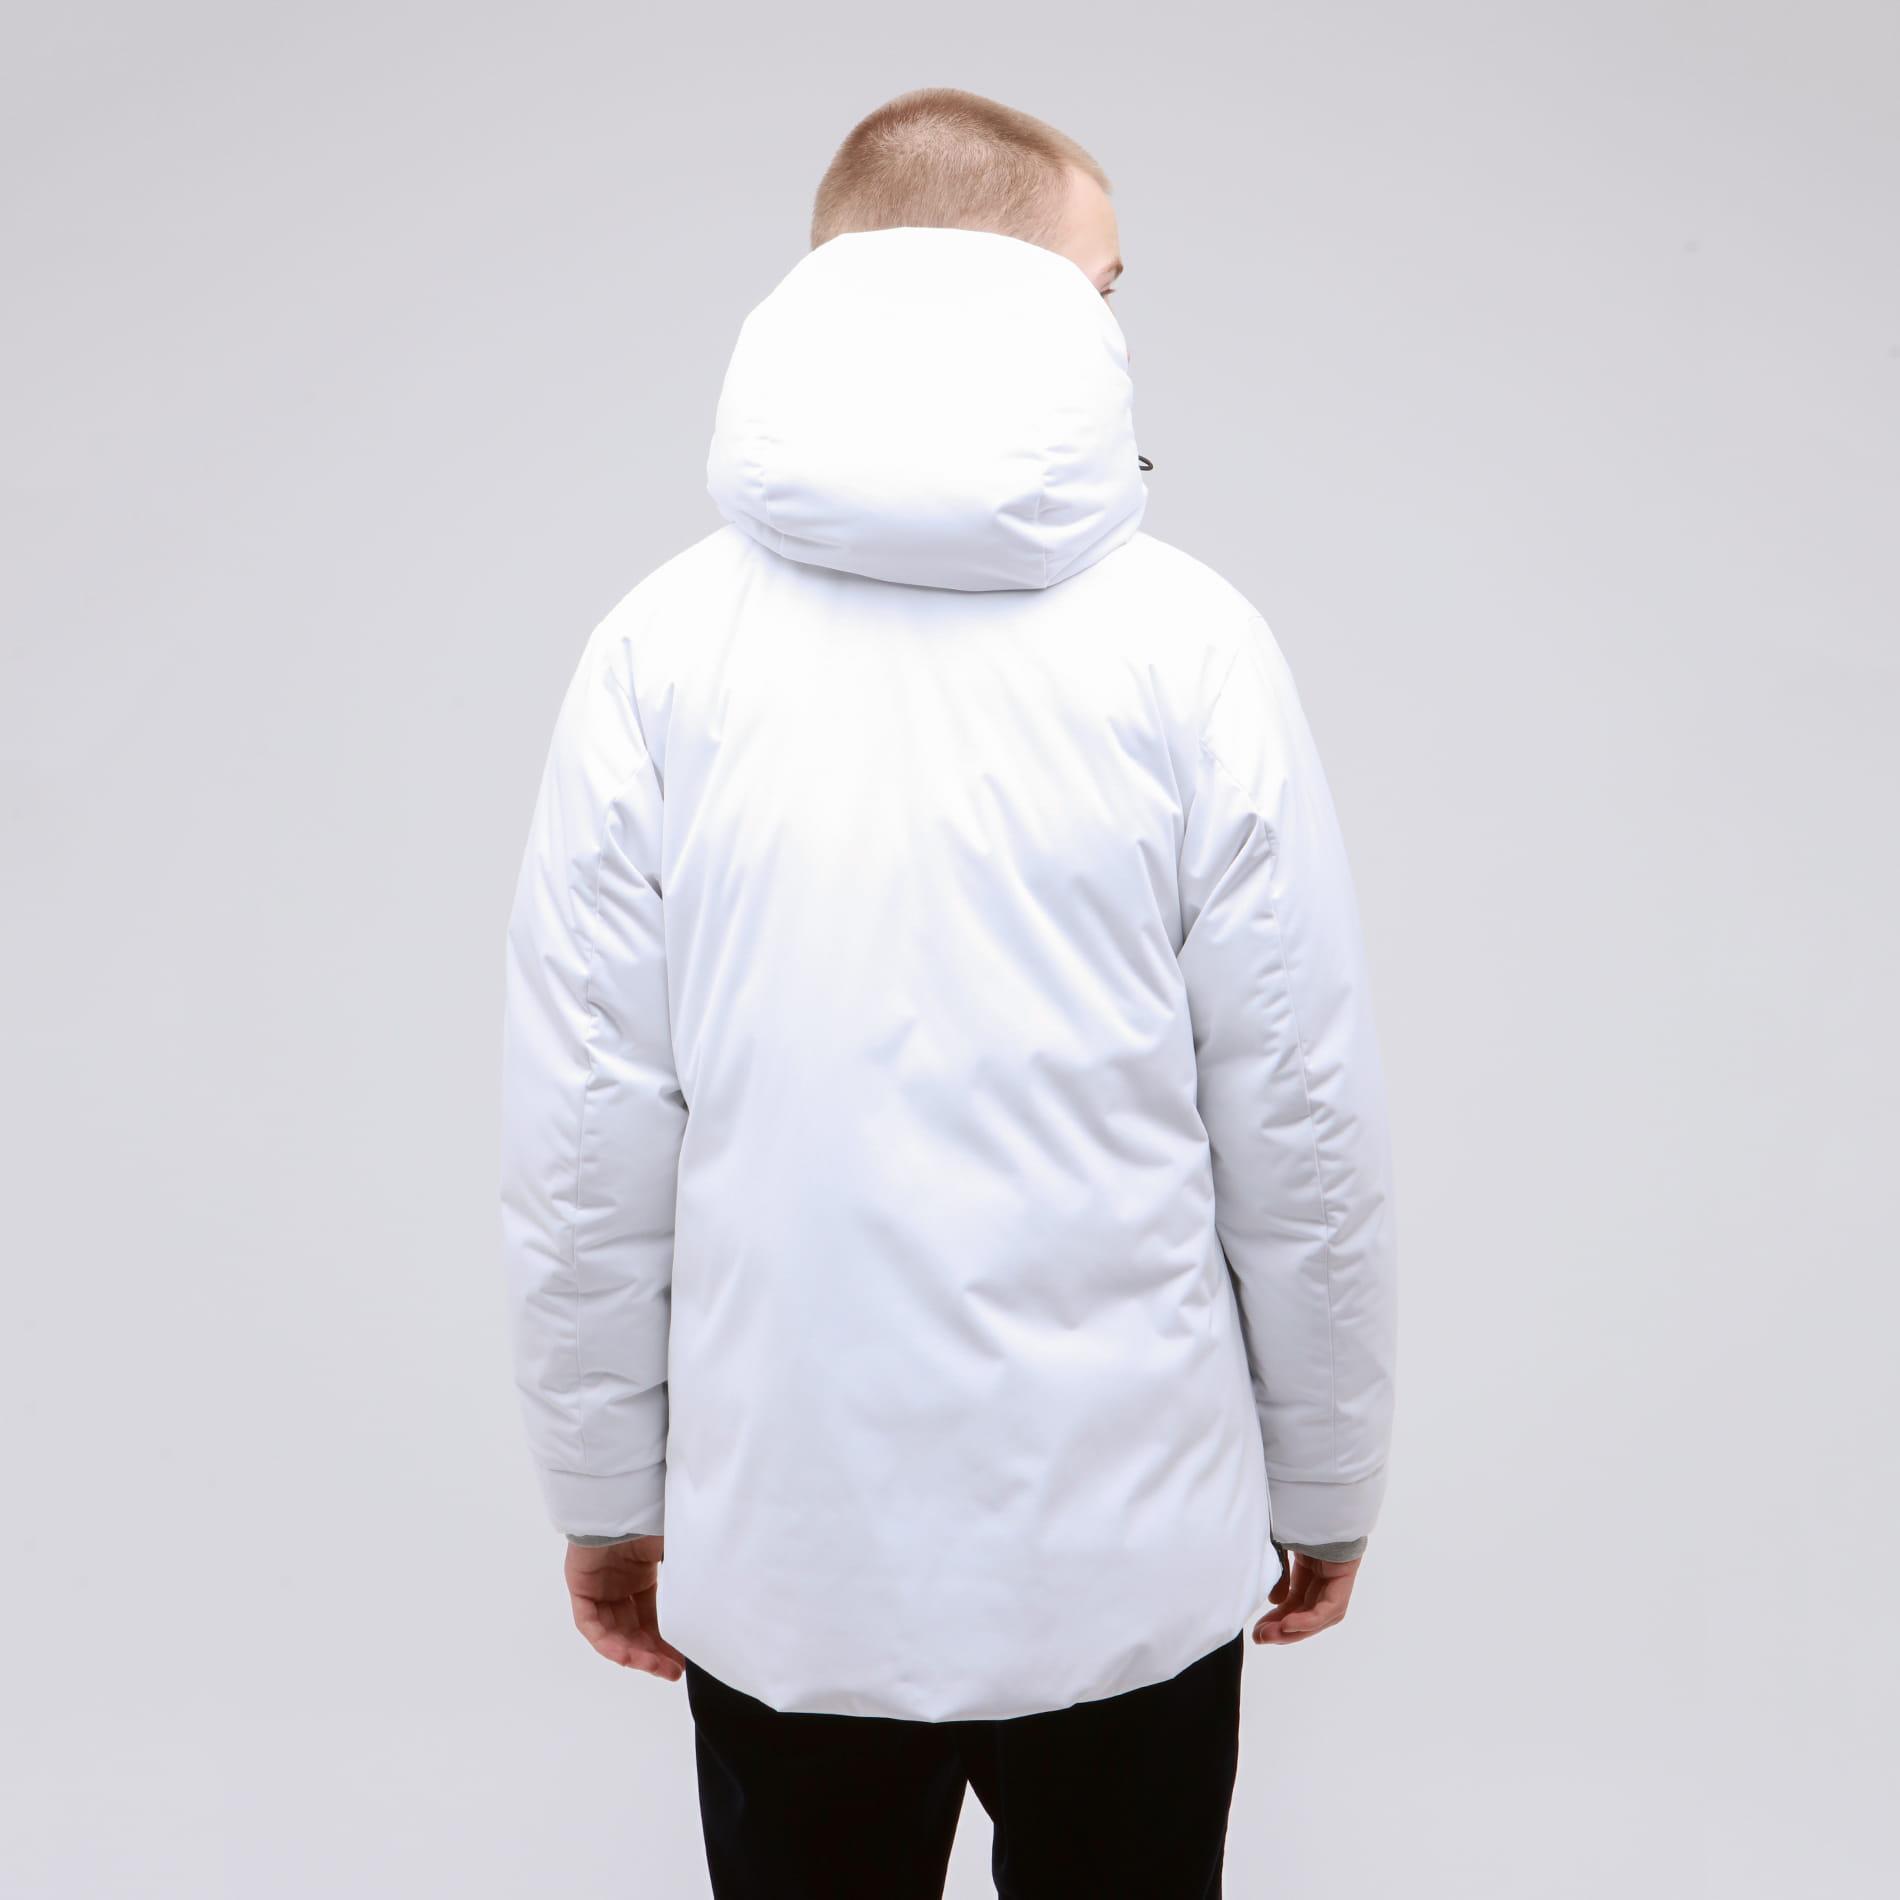 【SNOW】ミドルダウンジャケット